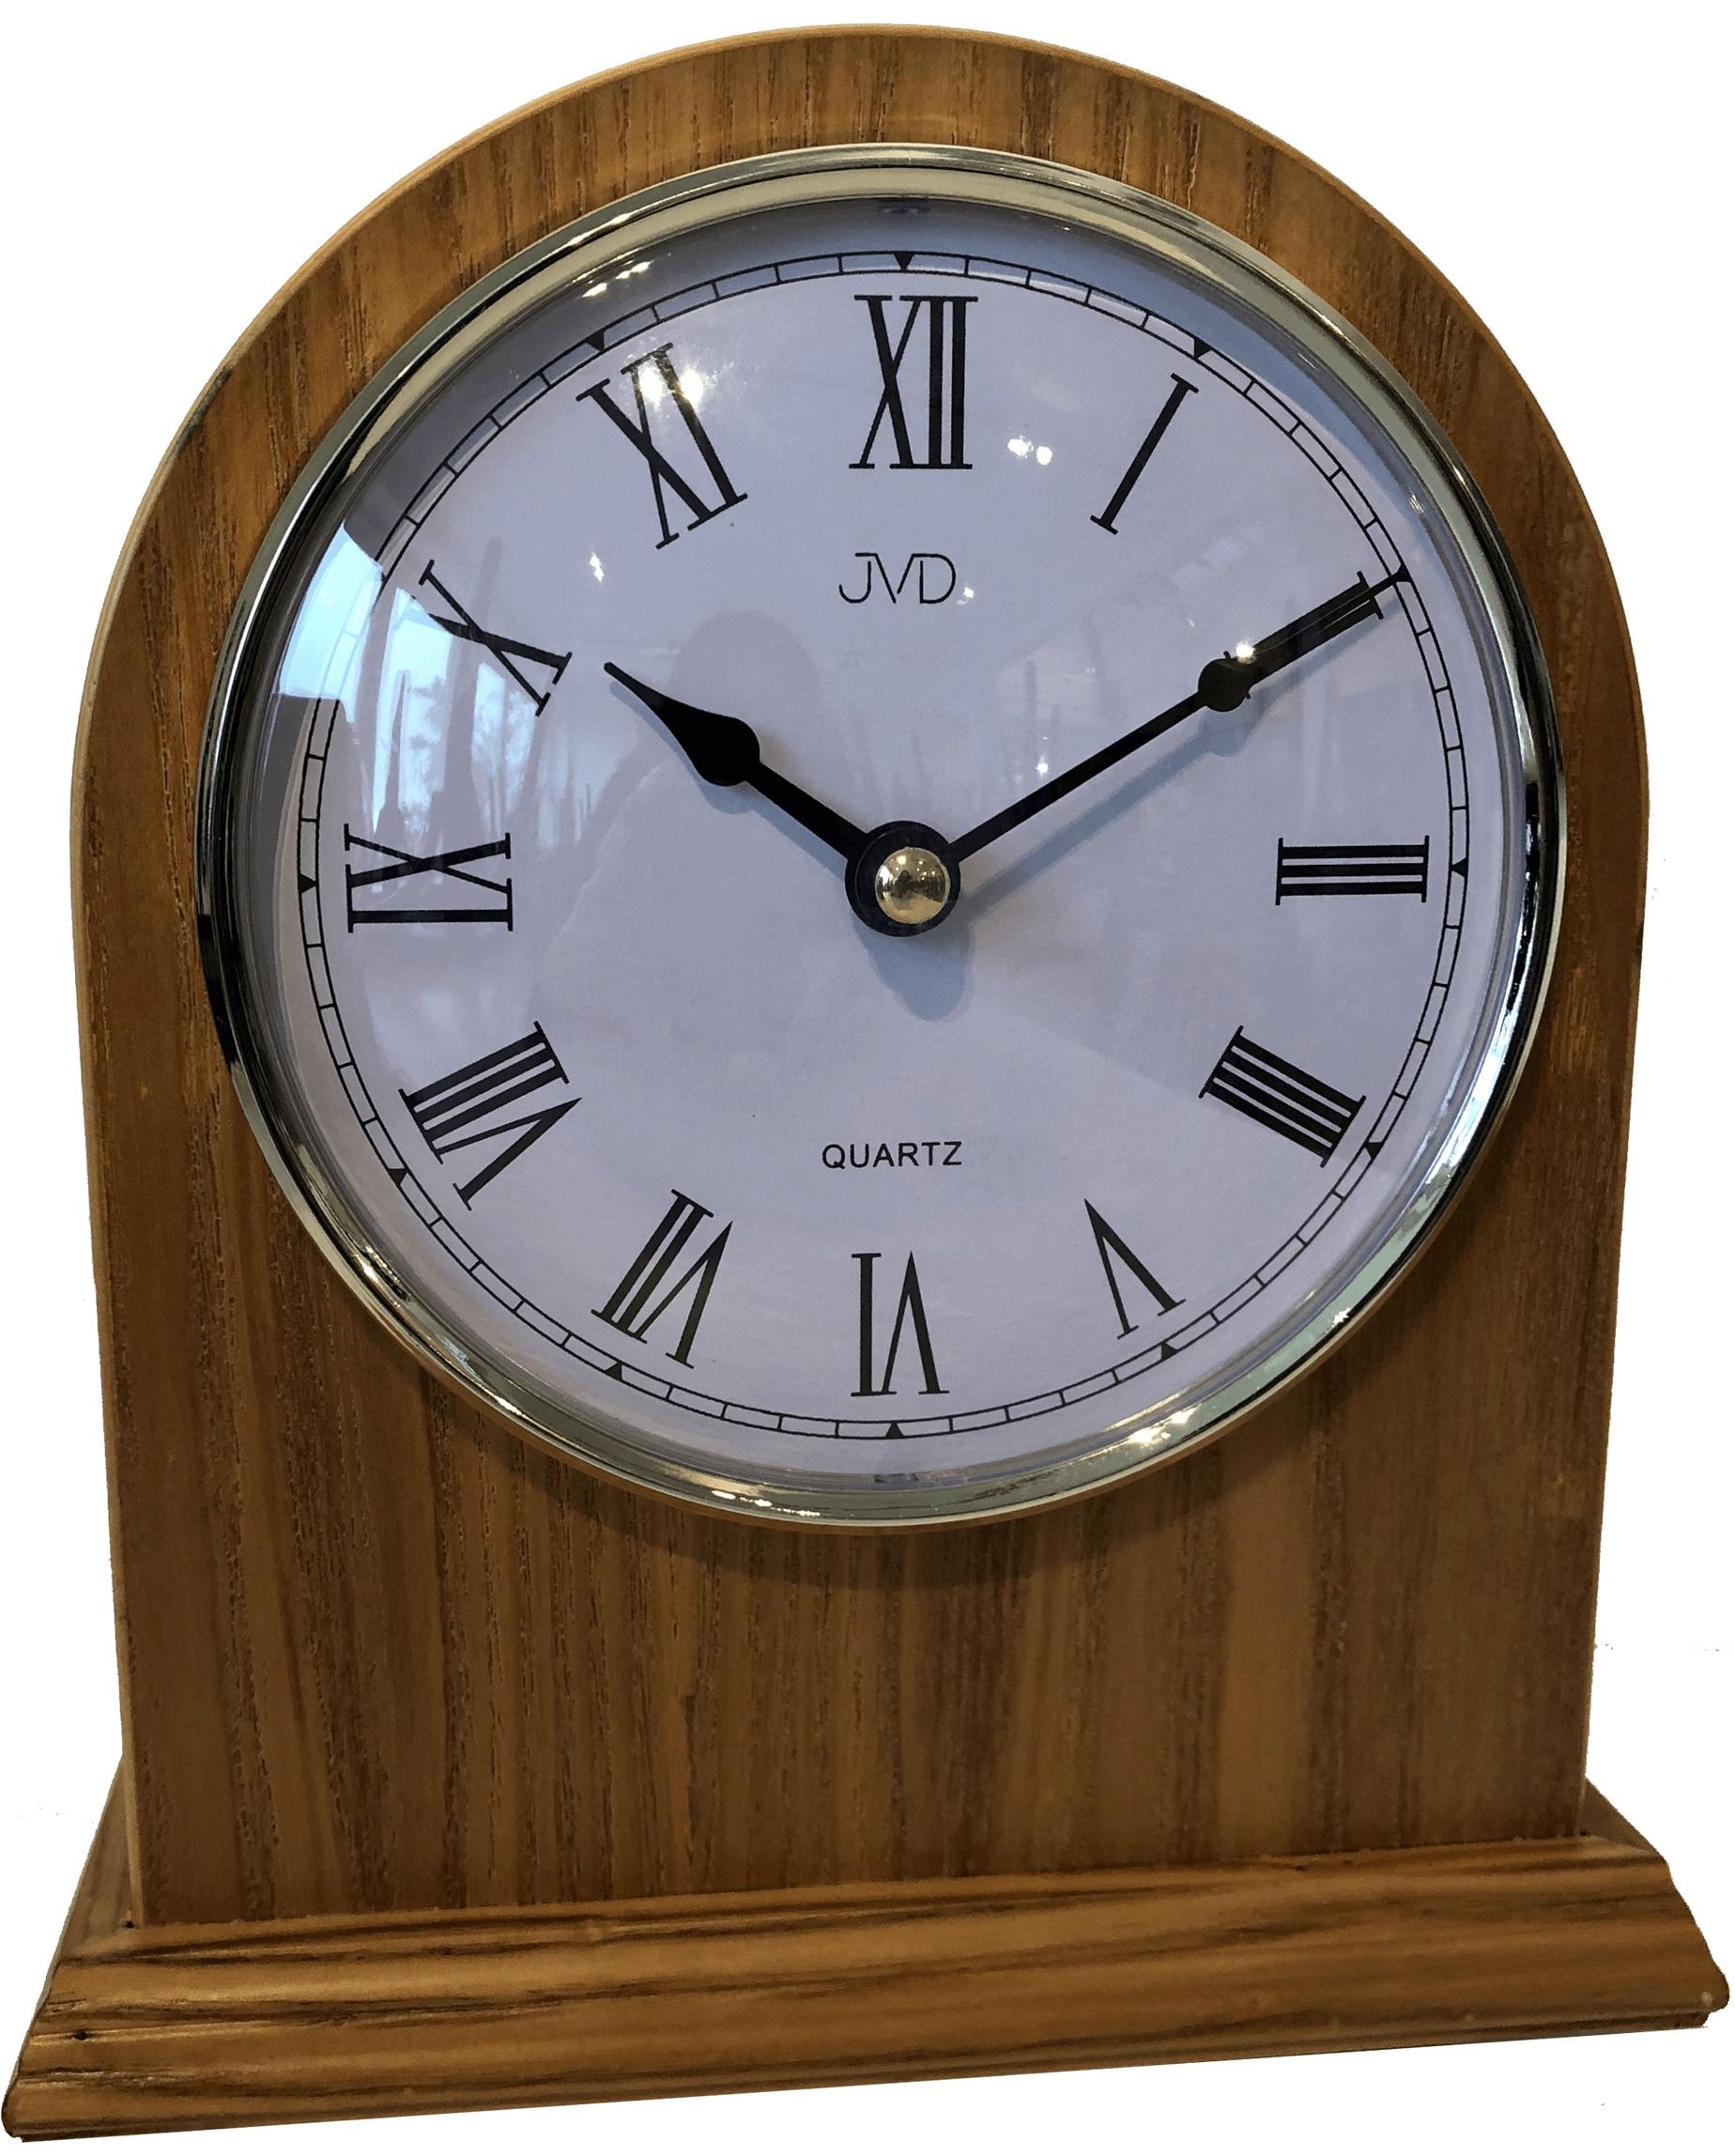 Dřevěné stolní hodiny JVD HS15.1 s římskými číslicemi (POŠTOVNÉ ZDARMA!!)